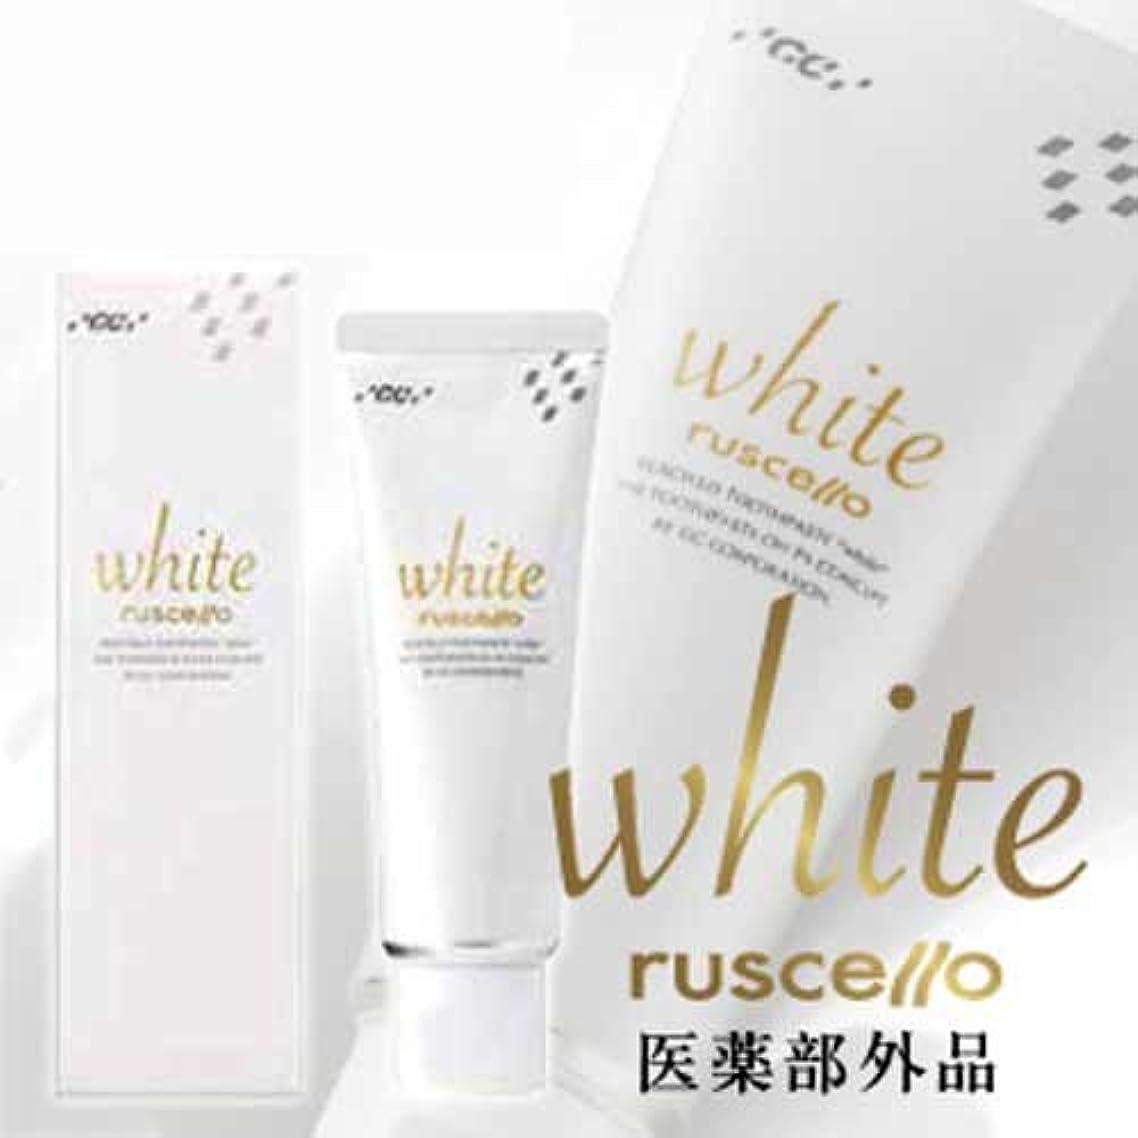 開業医情熱的フォルダGC ルシェロ歯磨きペースト ホワイト100g